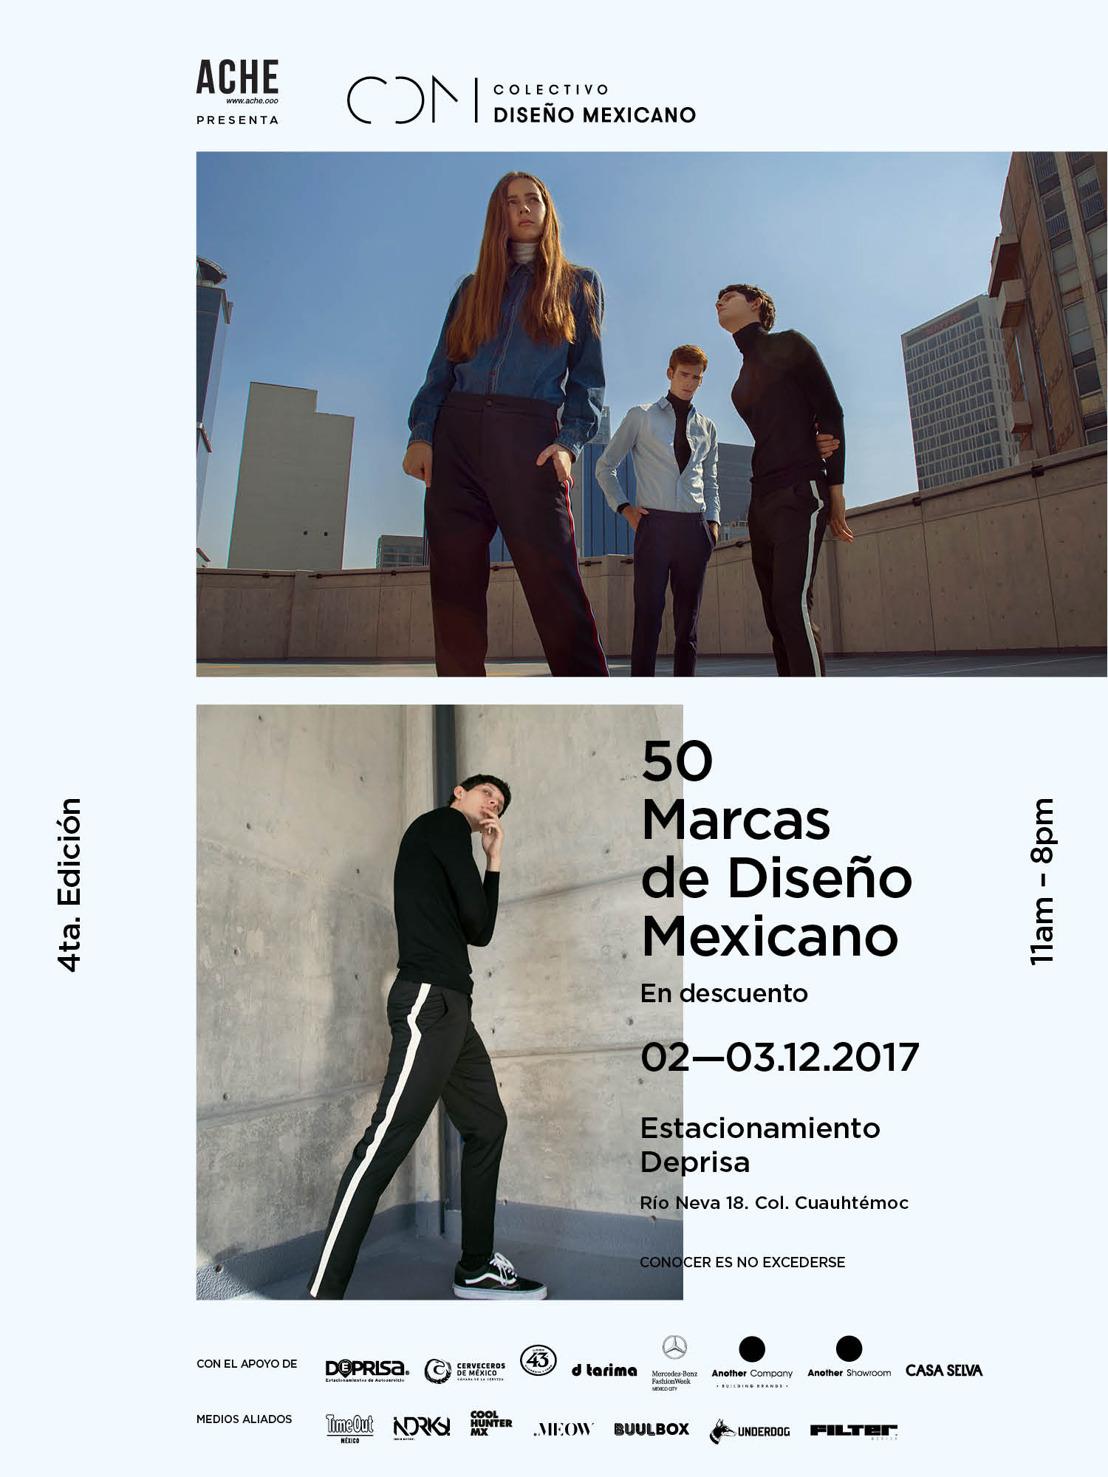 Regresa Colectivo Diseño Mexicano reuniendo 50 marcas con sello local el próximo 2 y 3 de Diciembre